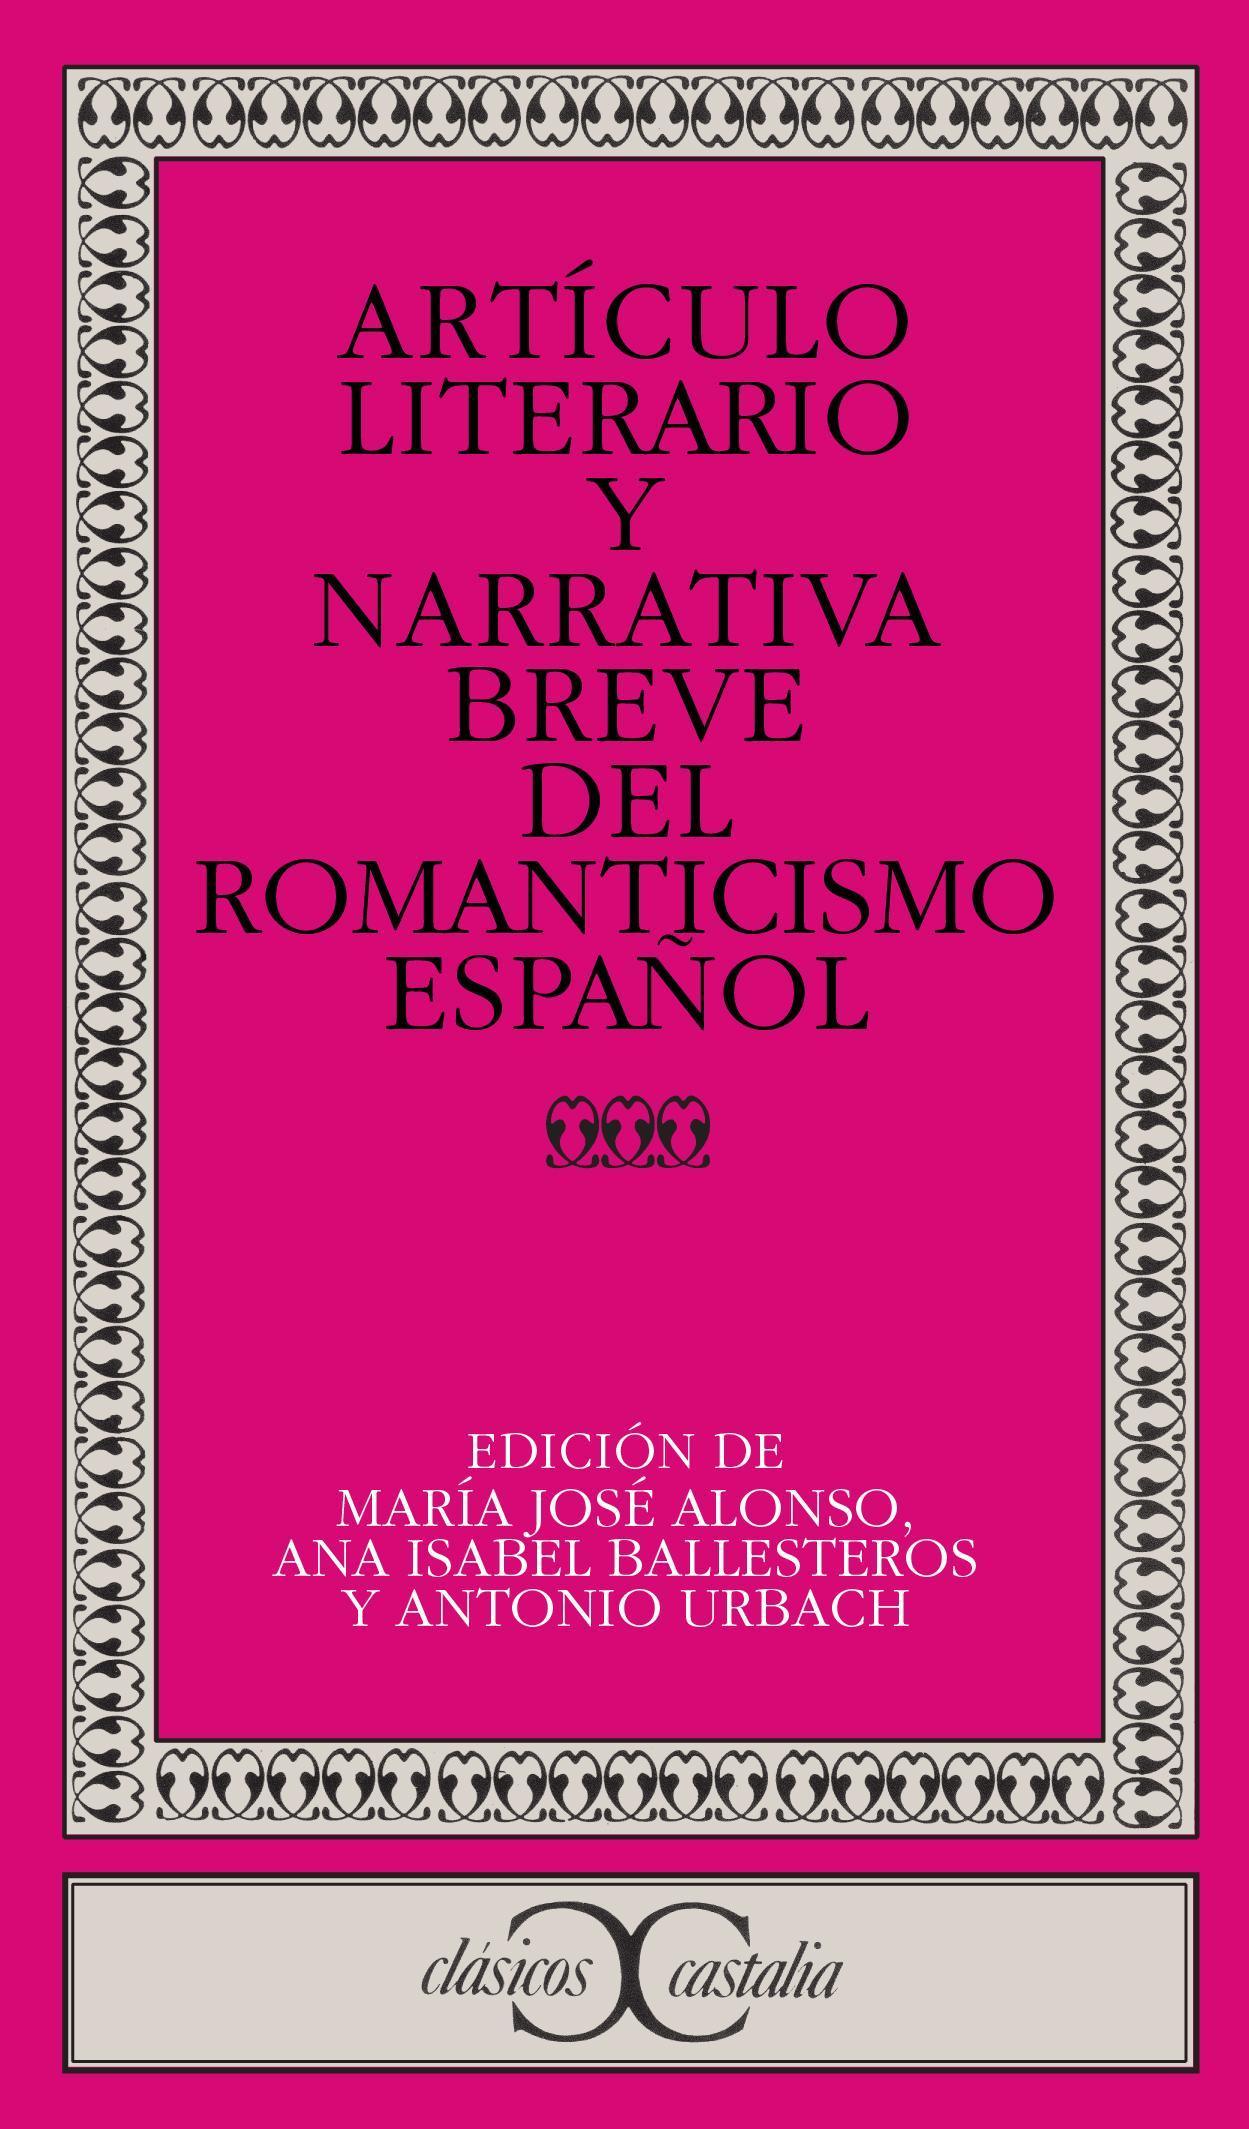 Artículo literario y narrativa breve del Romanticismo español